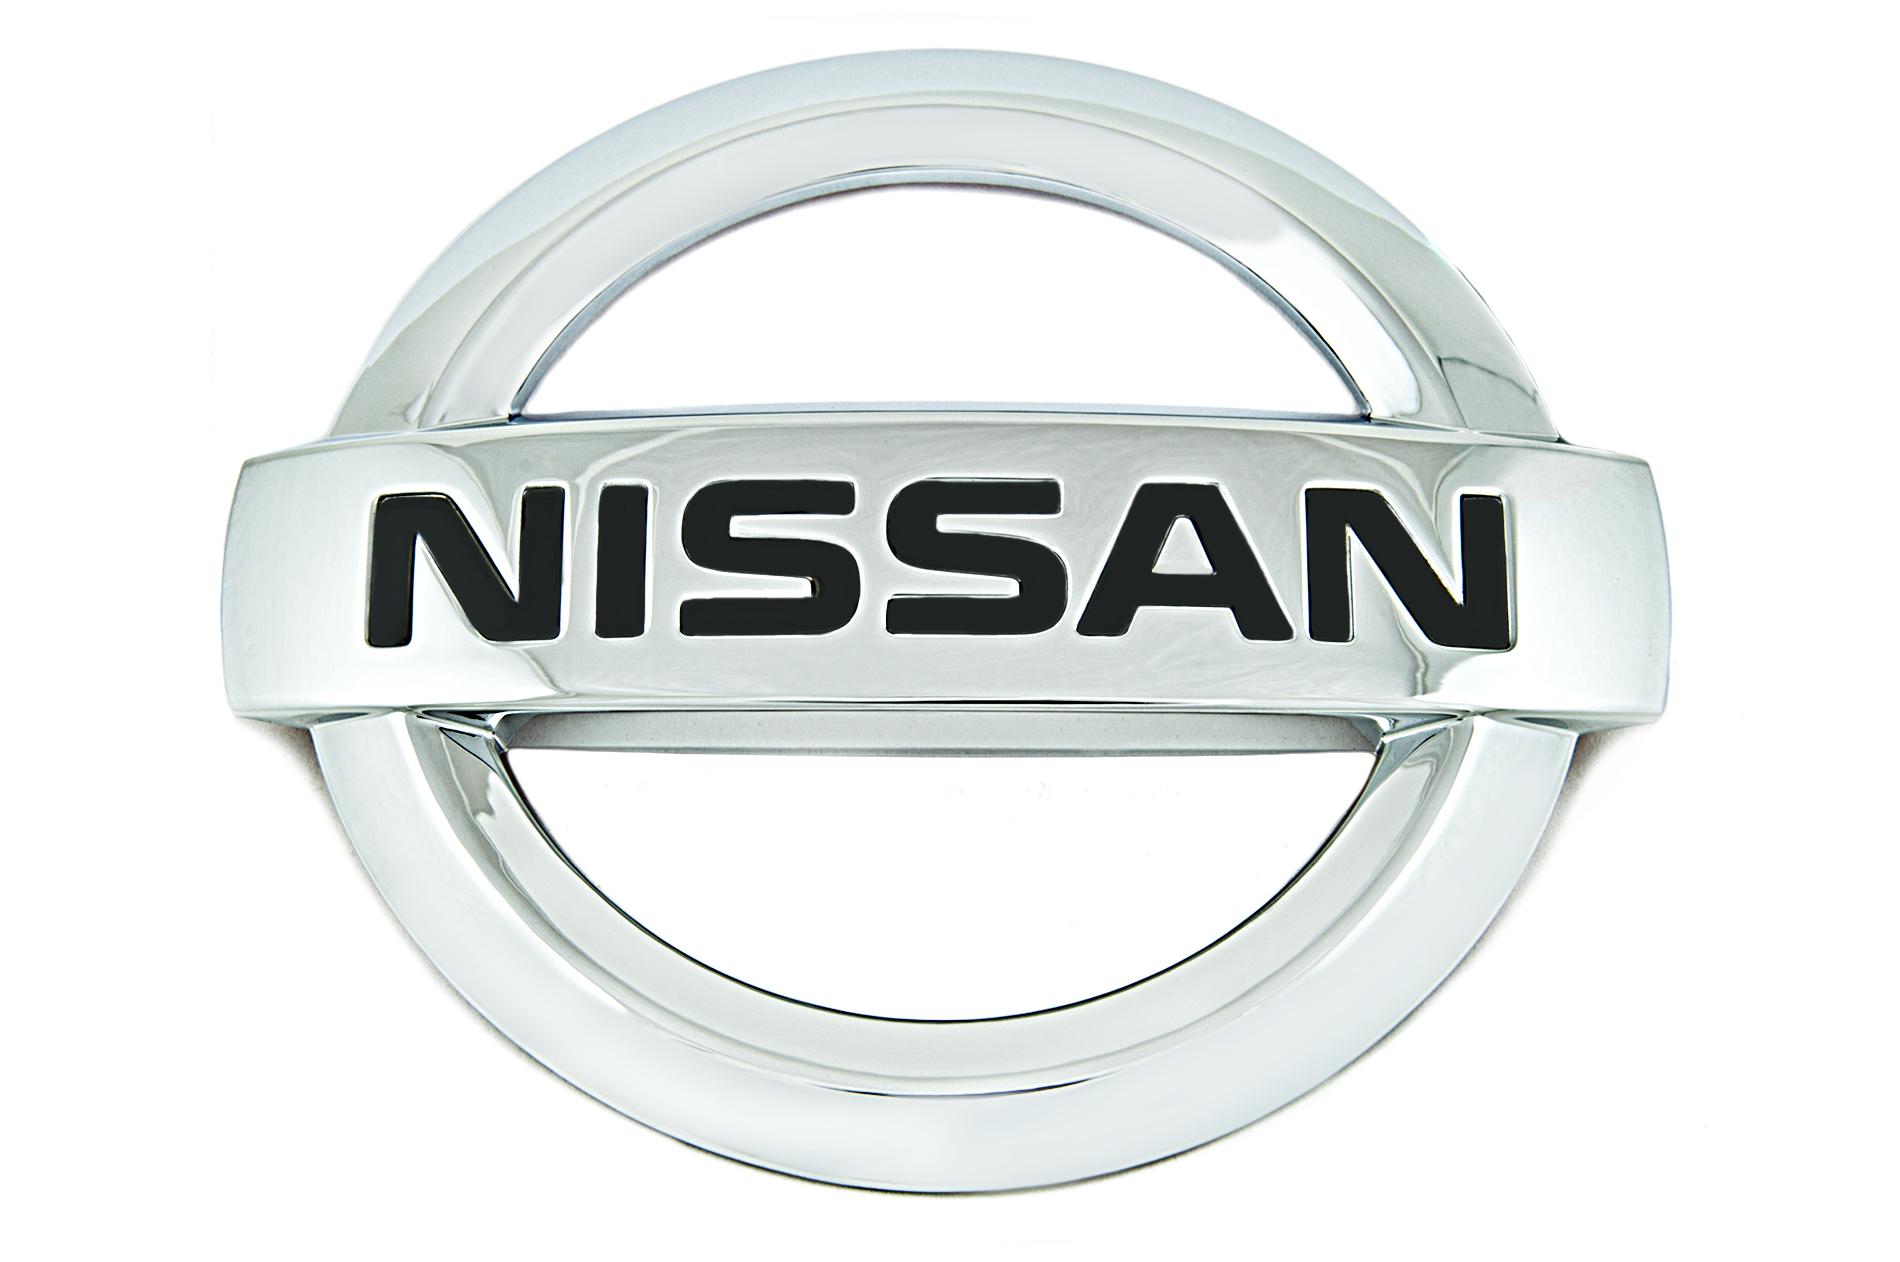 Nissan Genuine Micra Front Emblem Badge Logo For Bonnet